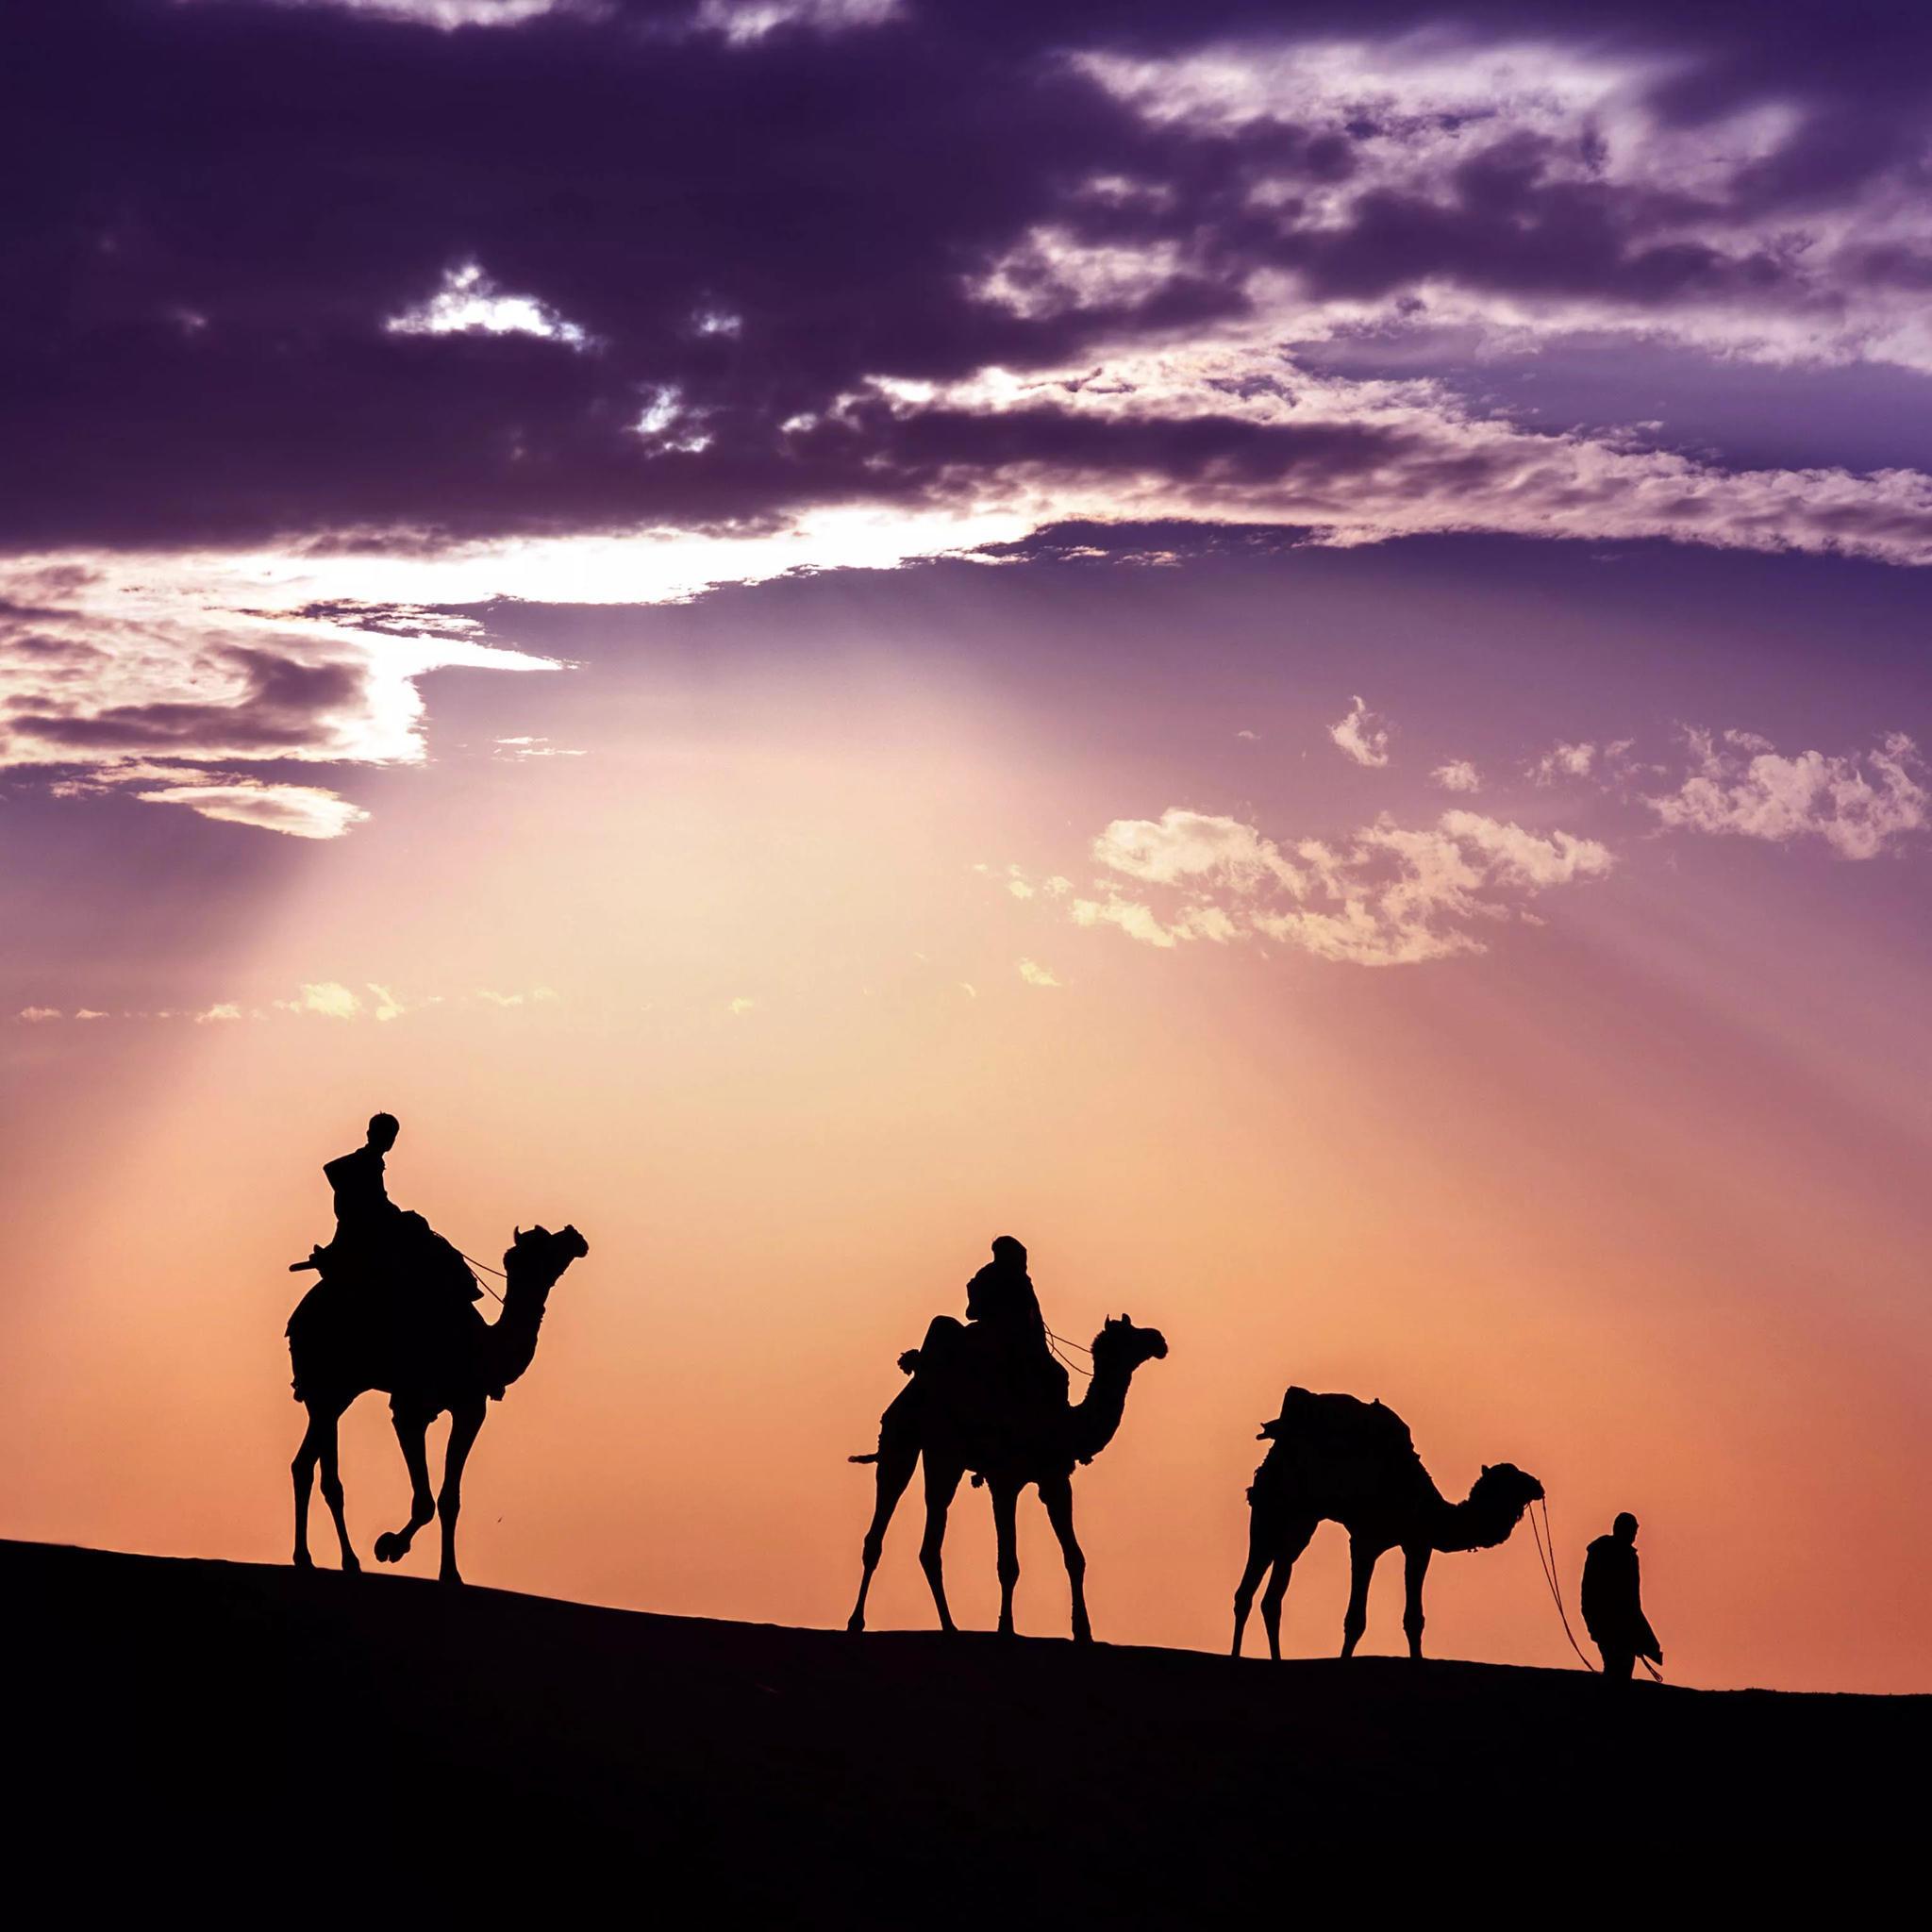 沙漠 天空 骆驼 背影 太阳